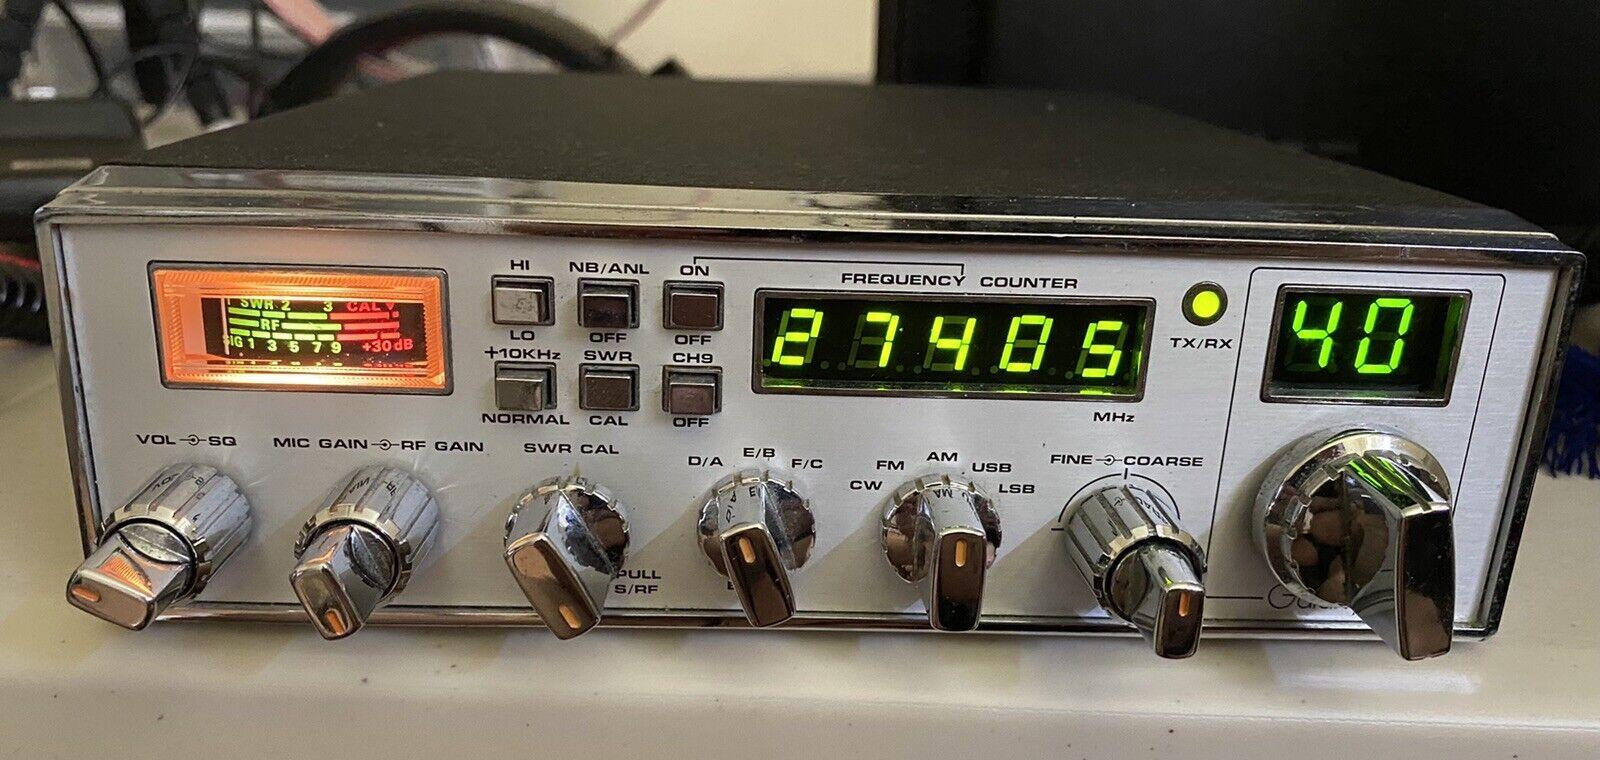 Used Galaxy 2100 CB Radio (Orignal Release 1981) - AM/FM/SSB/CW.